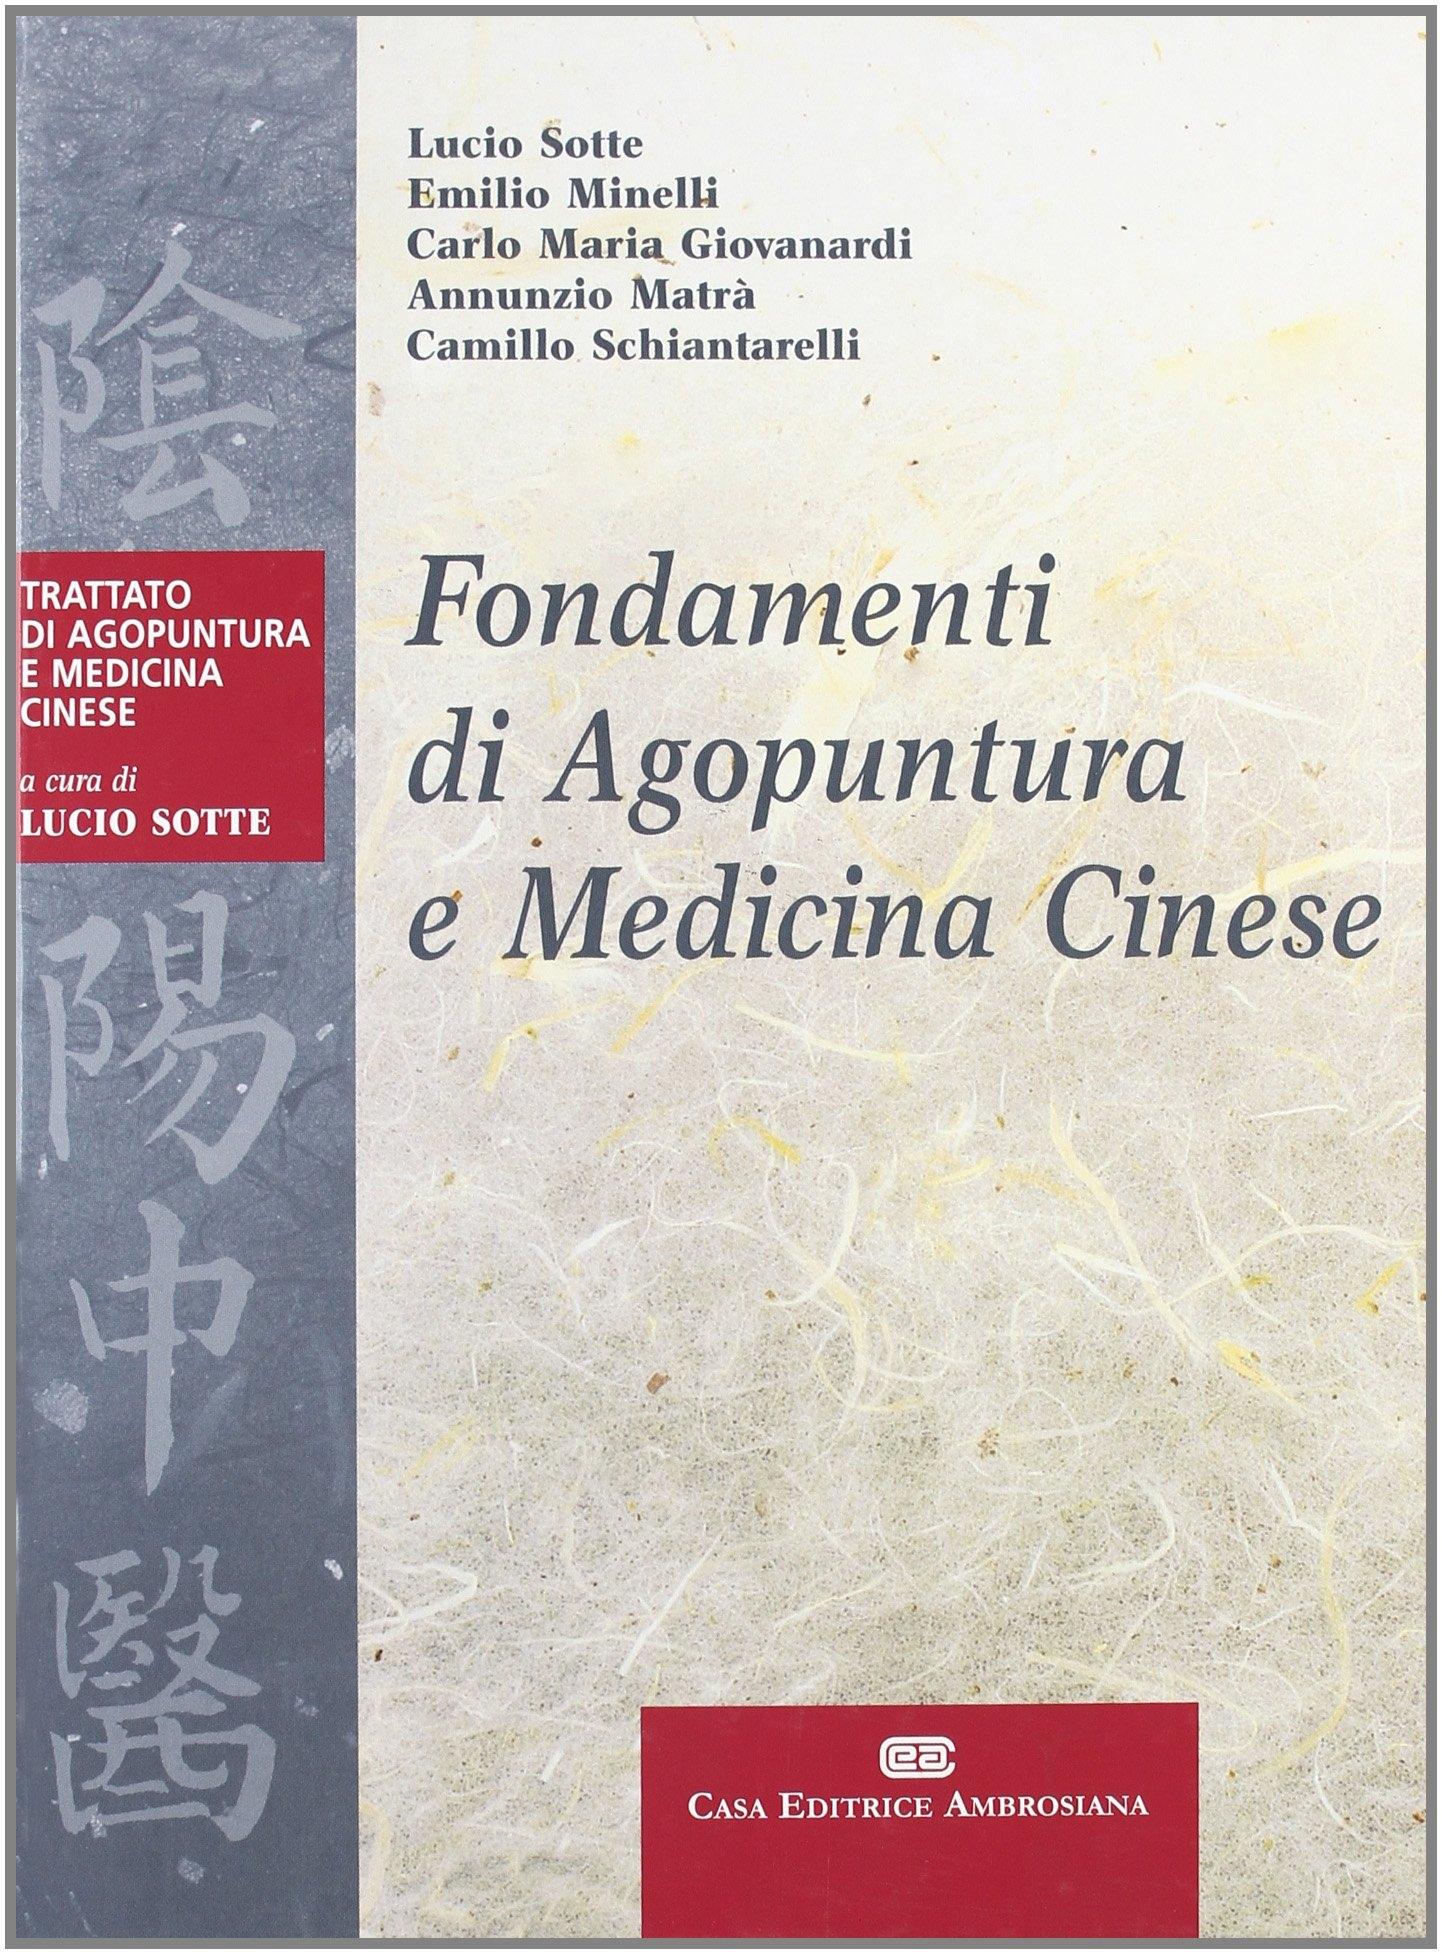 Fondamenti di agopuntura e medicina cinese. Trattato di agopuntura e medicina cinese